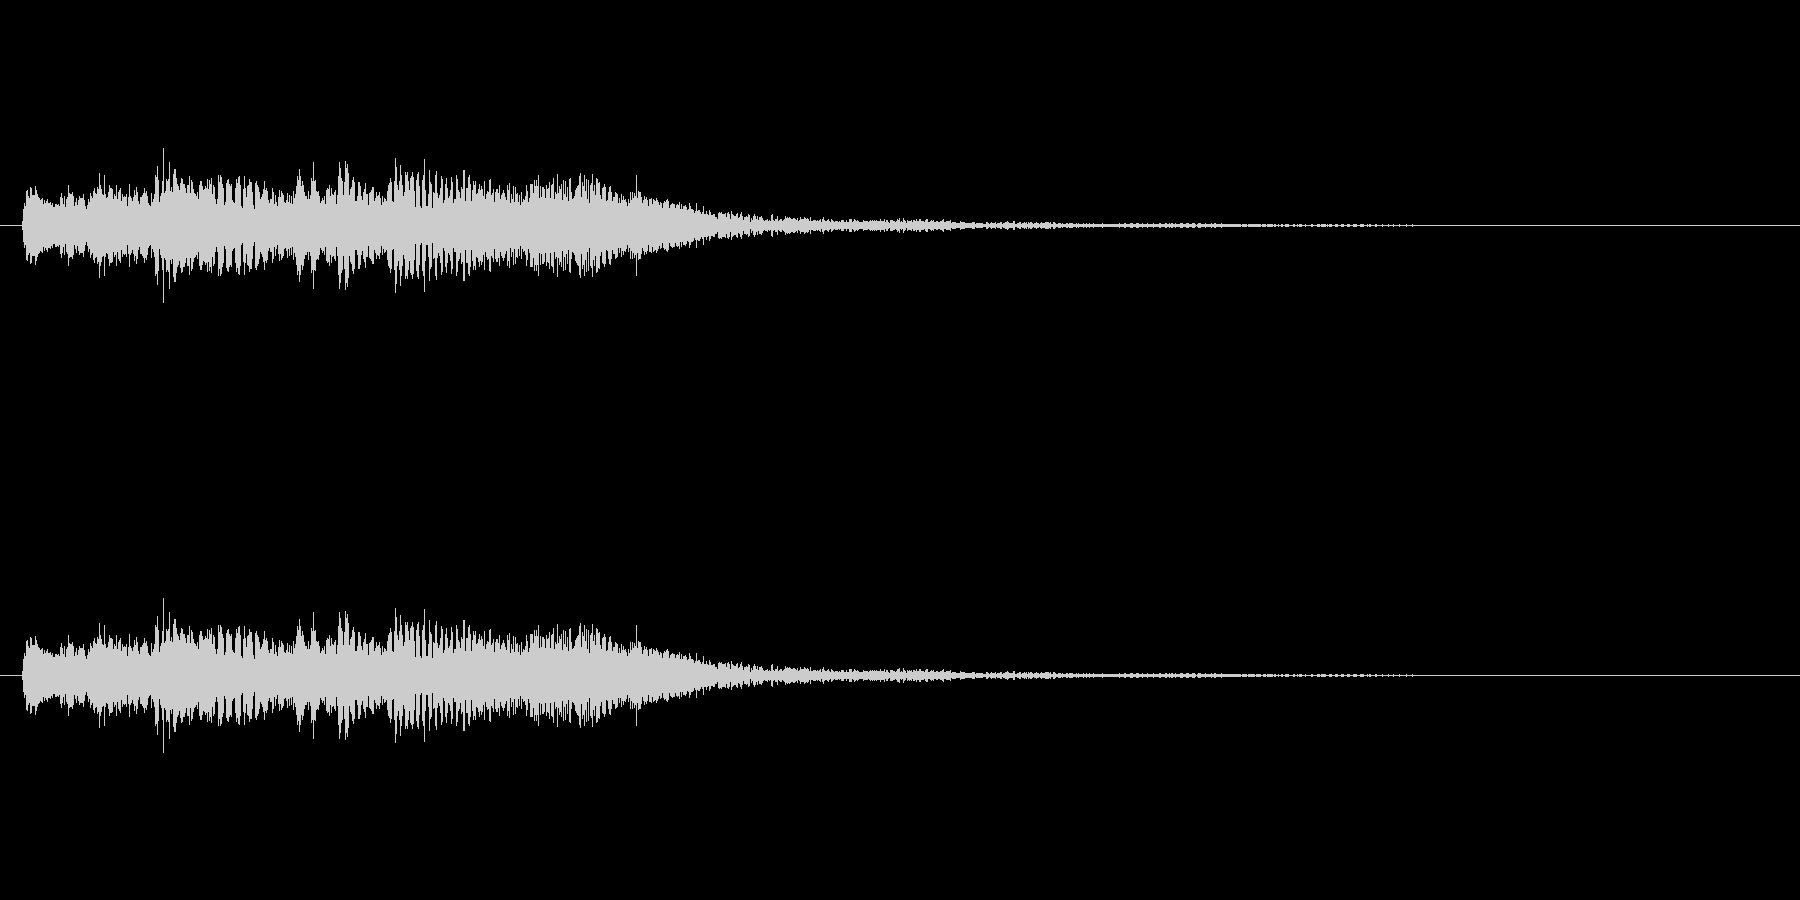 キラキラキラキラー/ハープシコード上昇音の未再生の波形